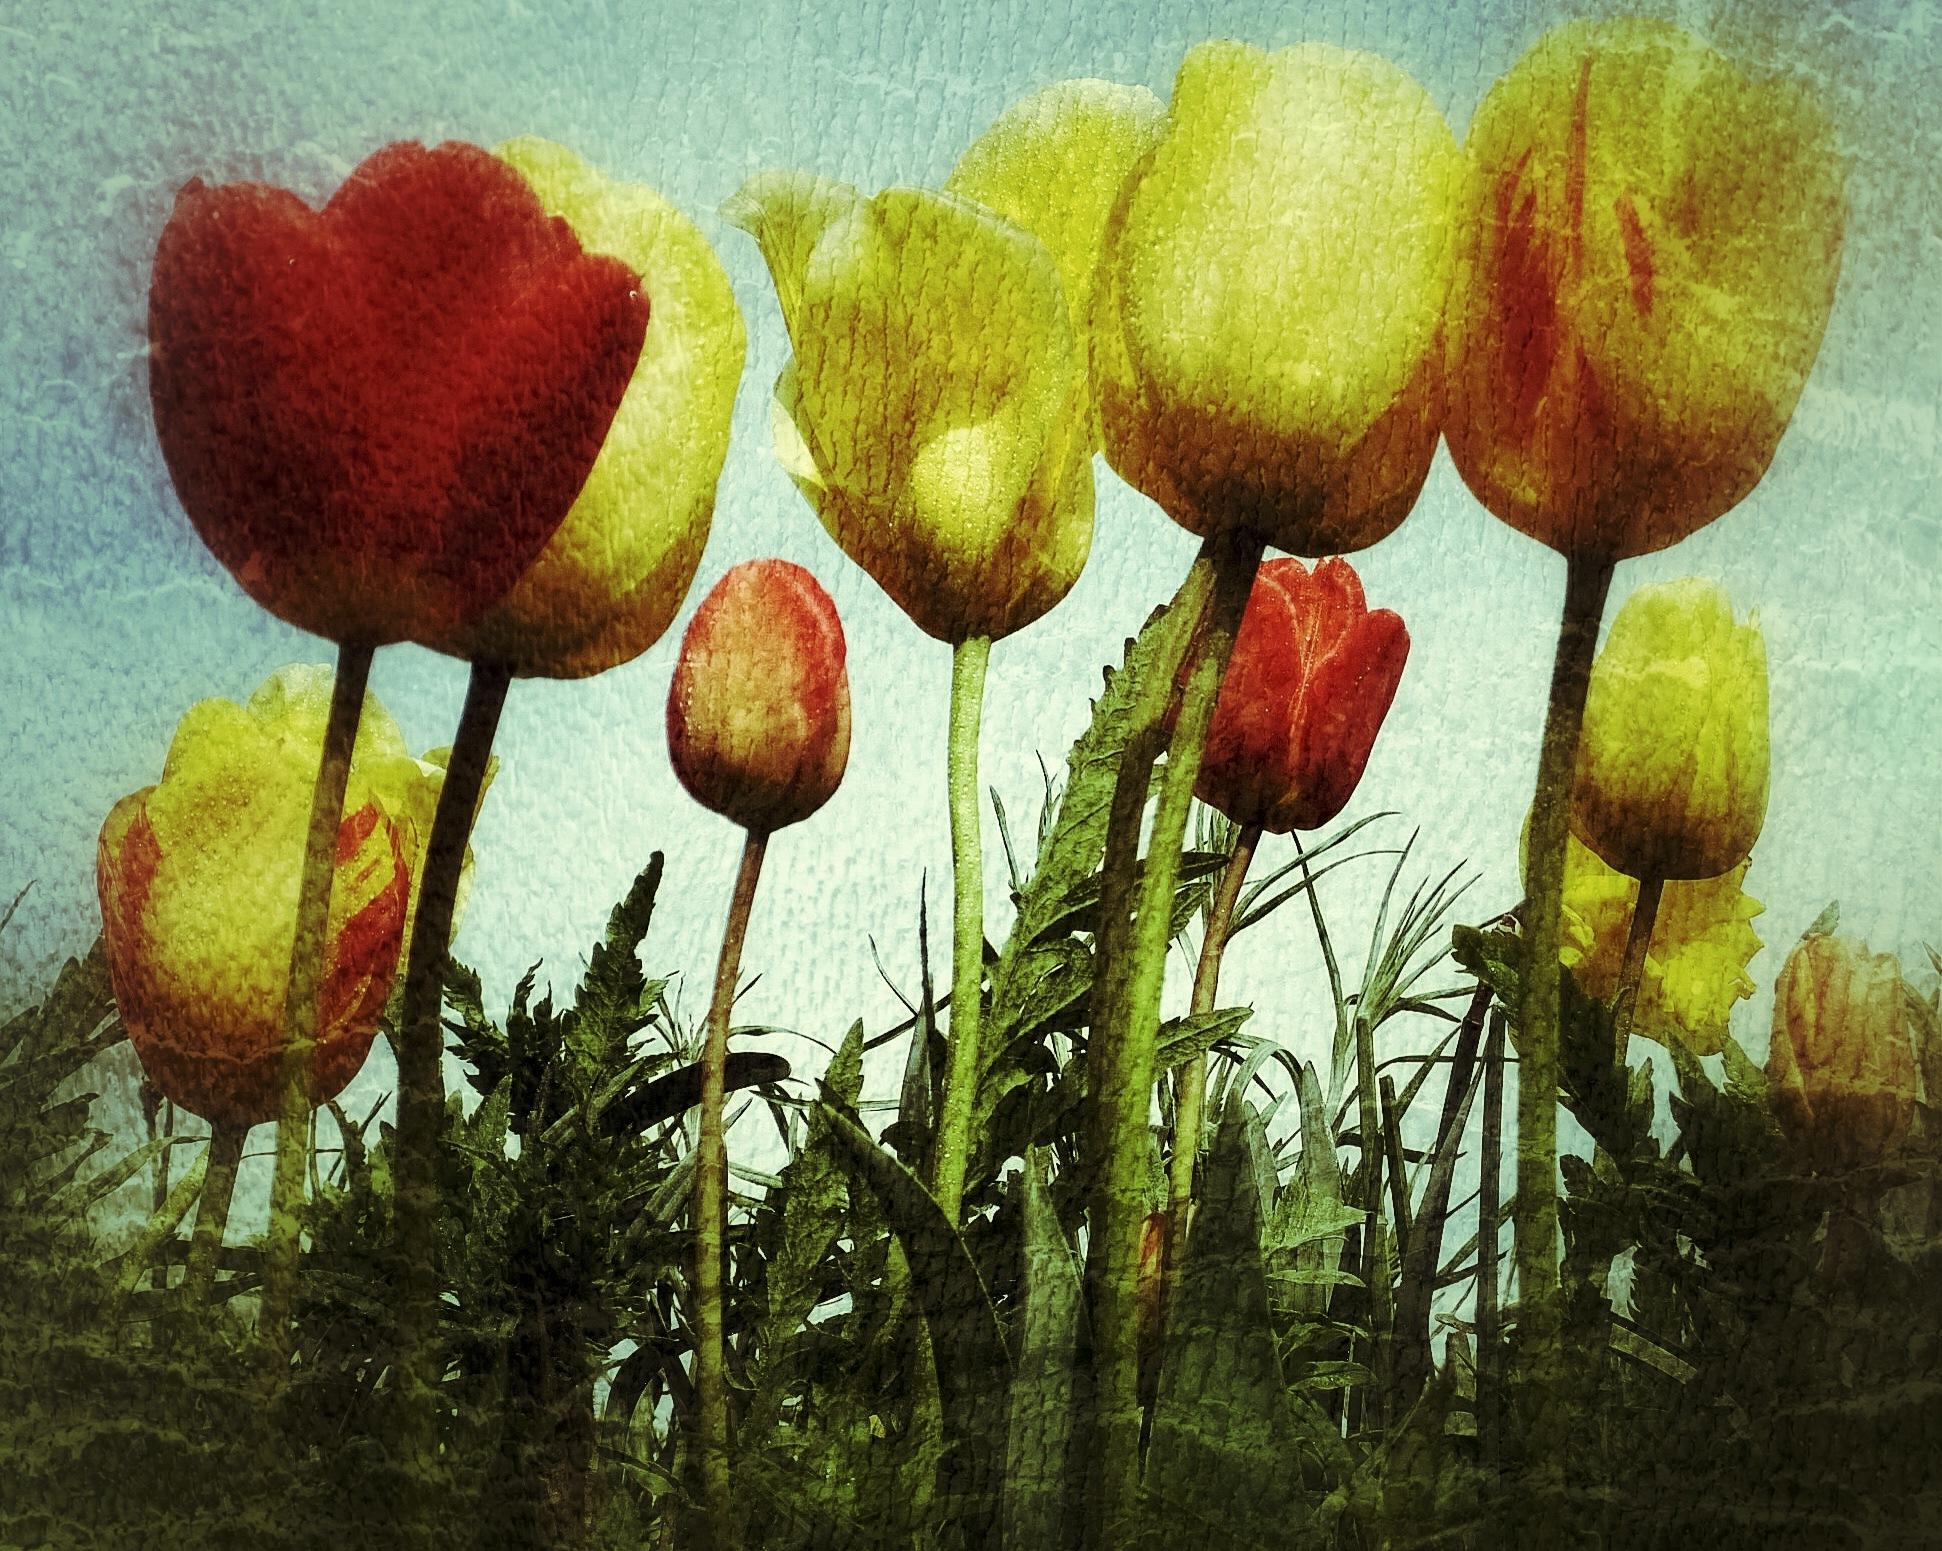 Image Flower...i23062100 by Michael jjg